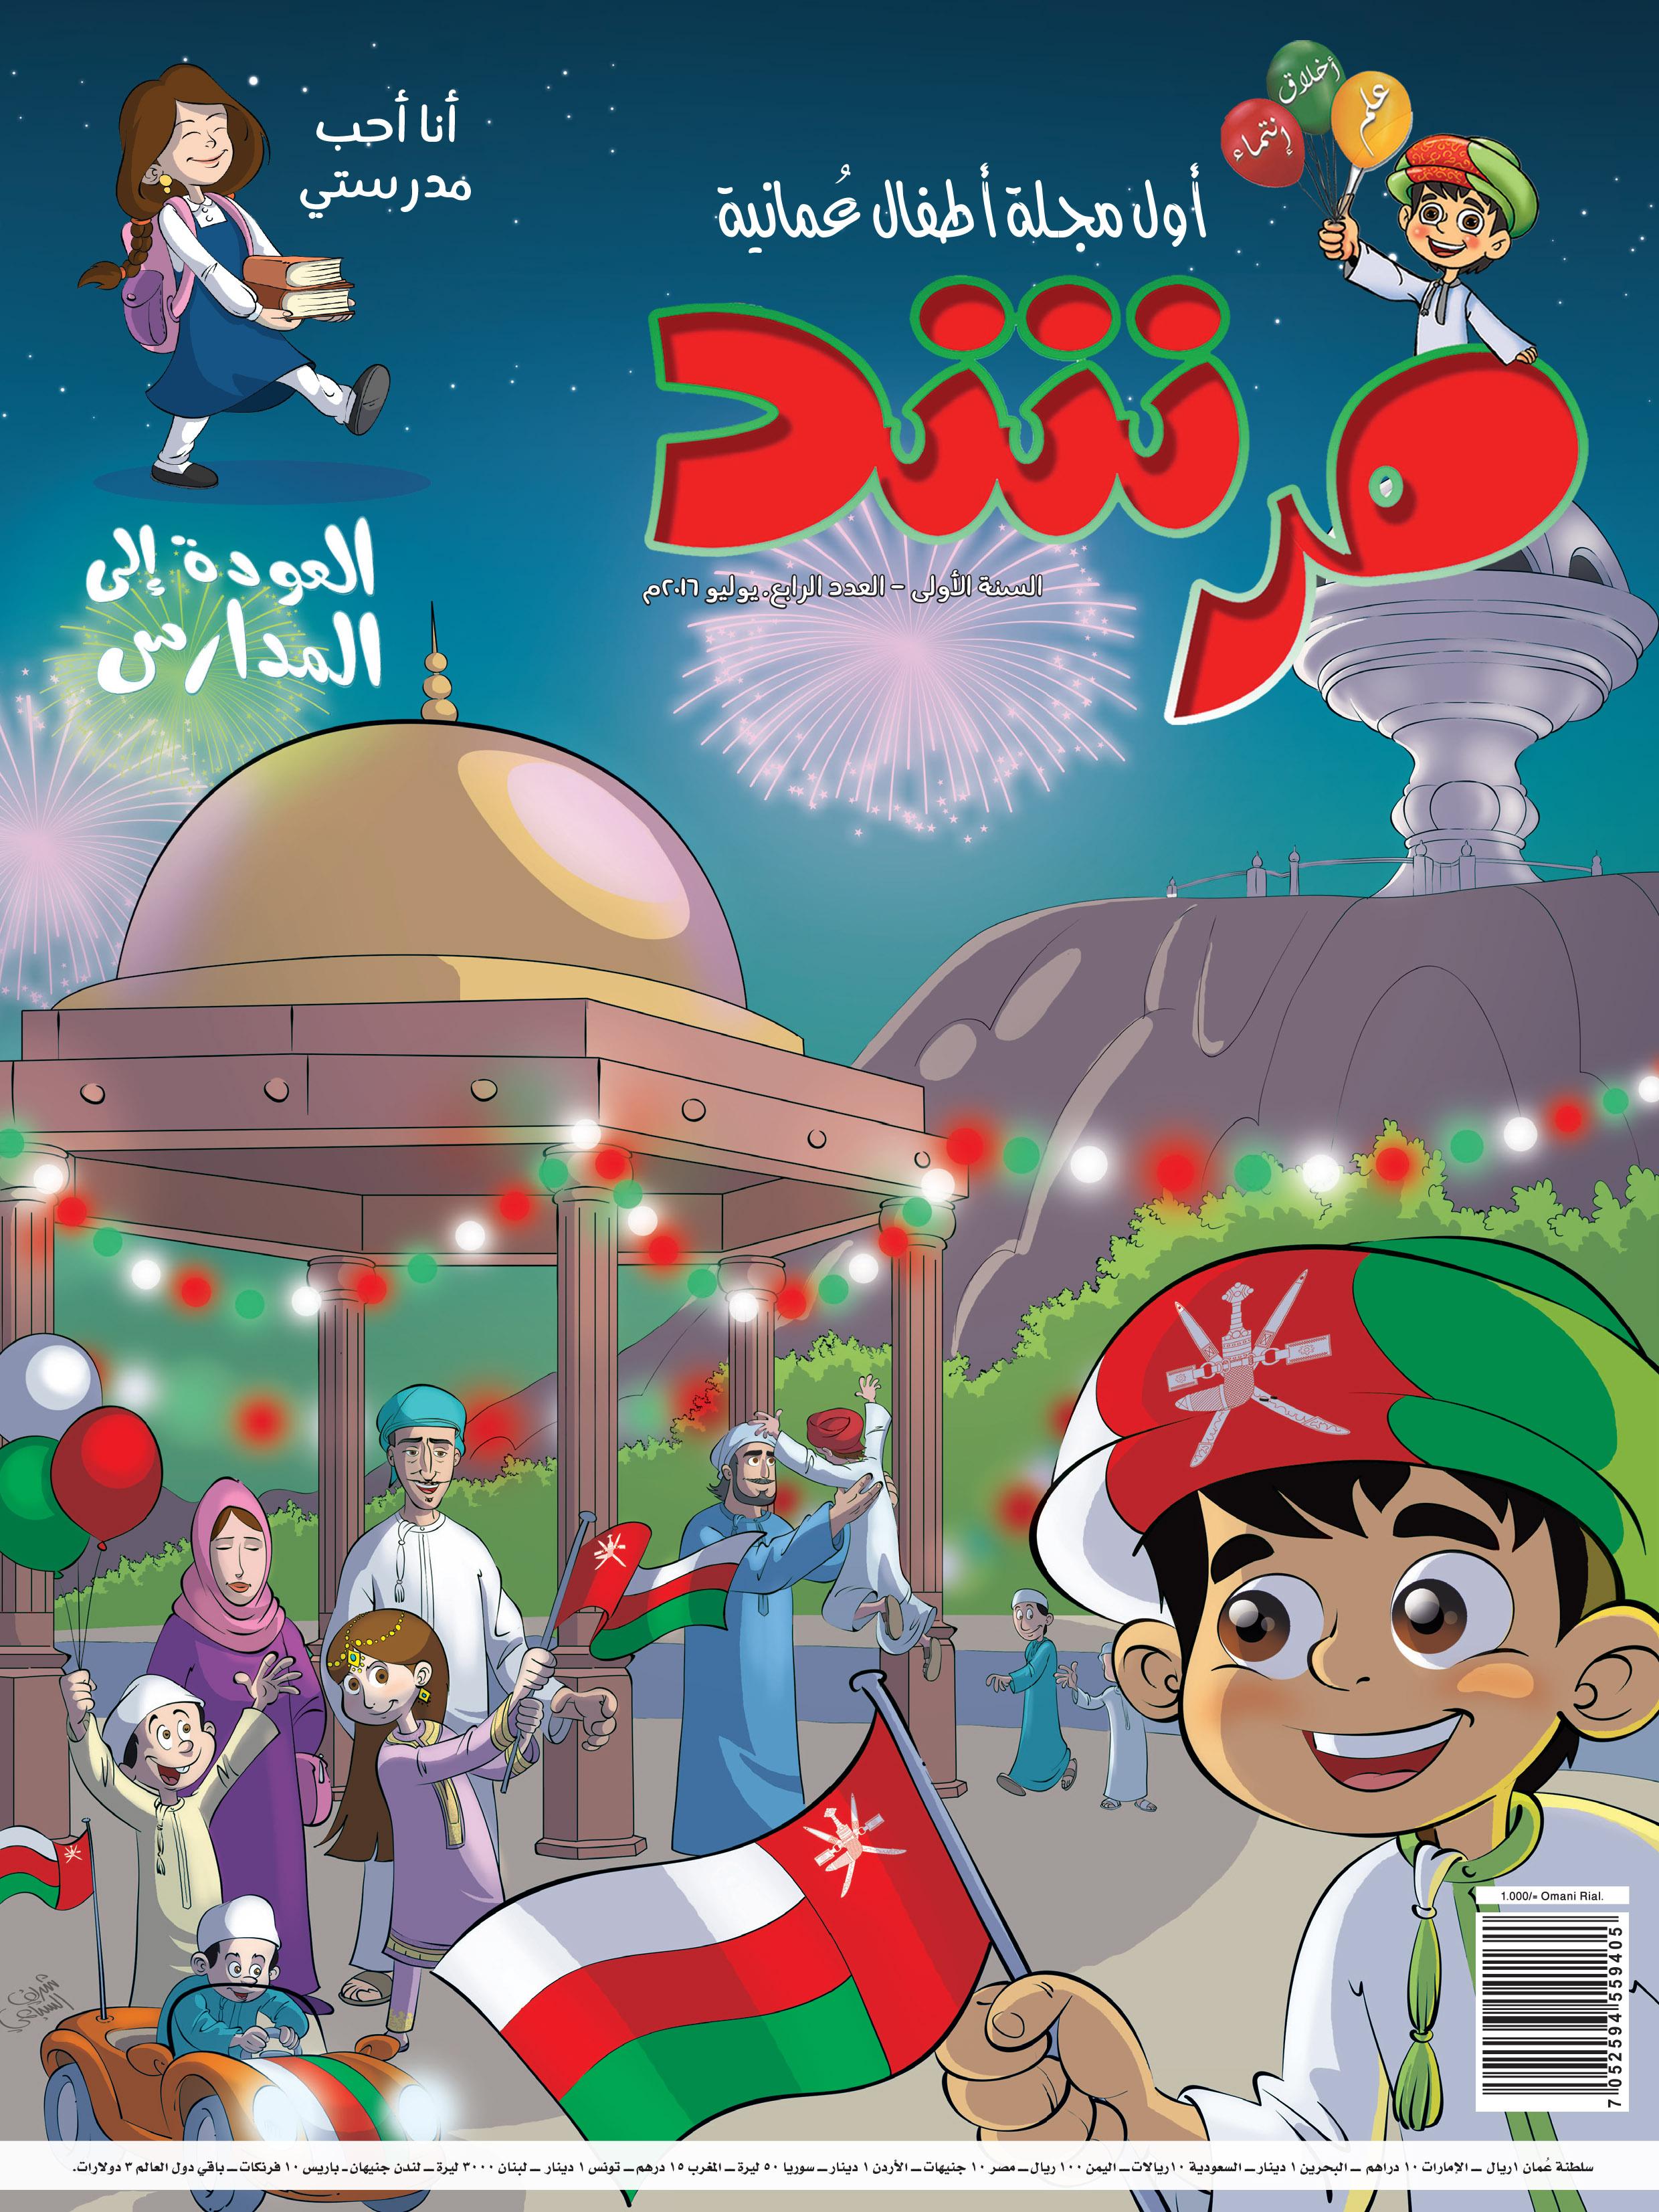 صدور العدد الرابع من مجلة مرشد للأطفال